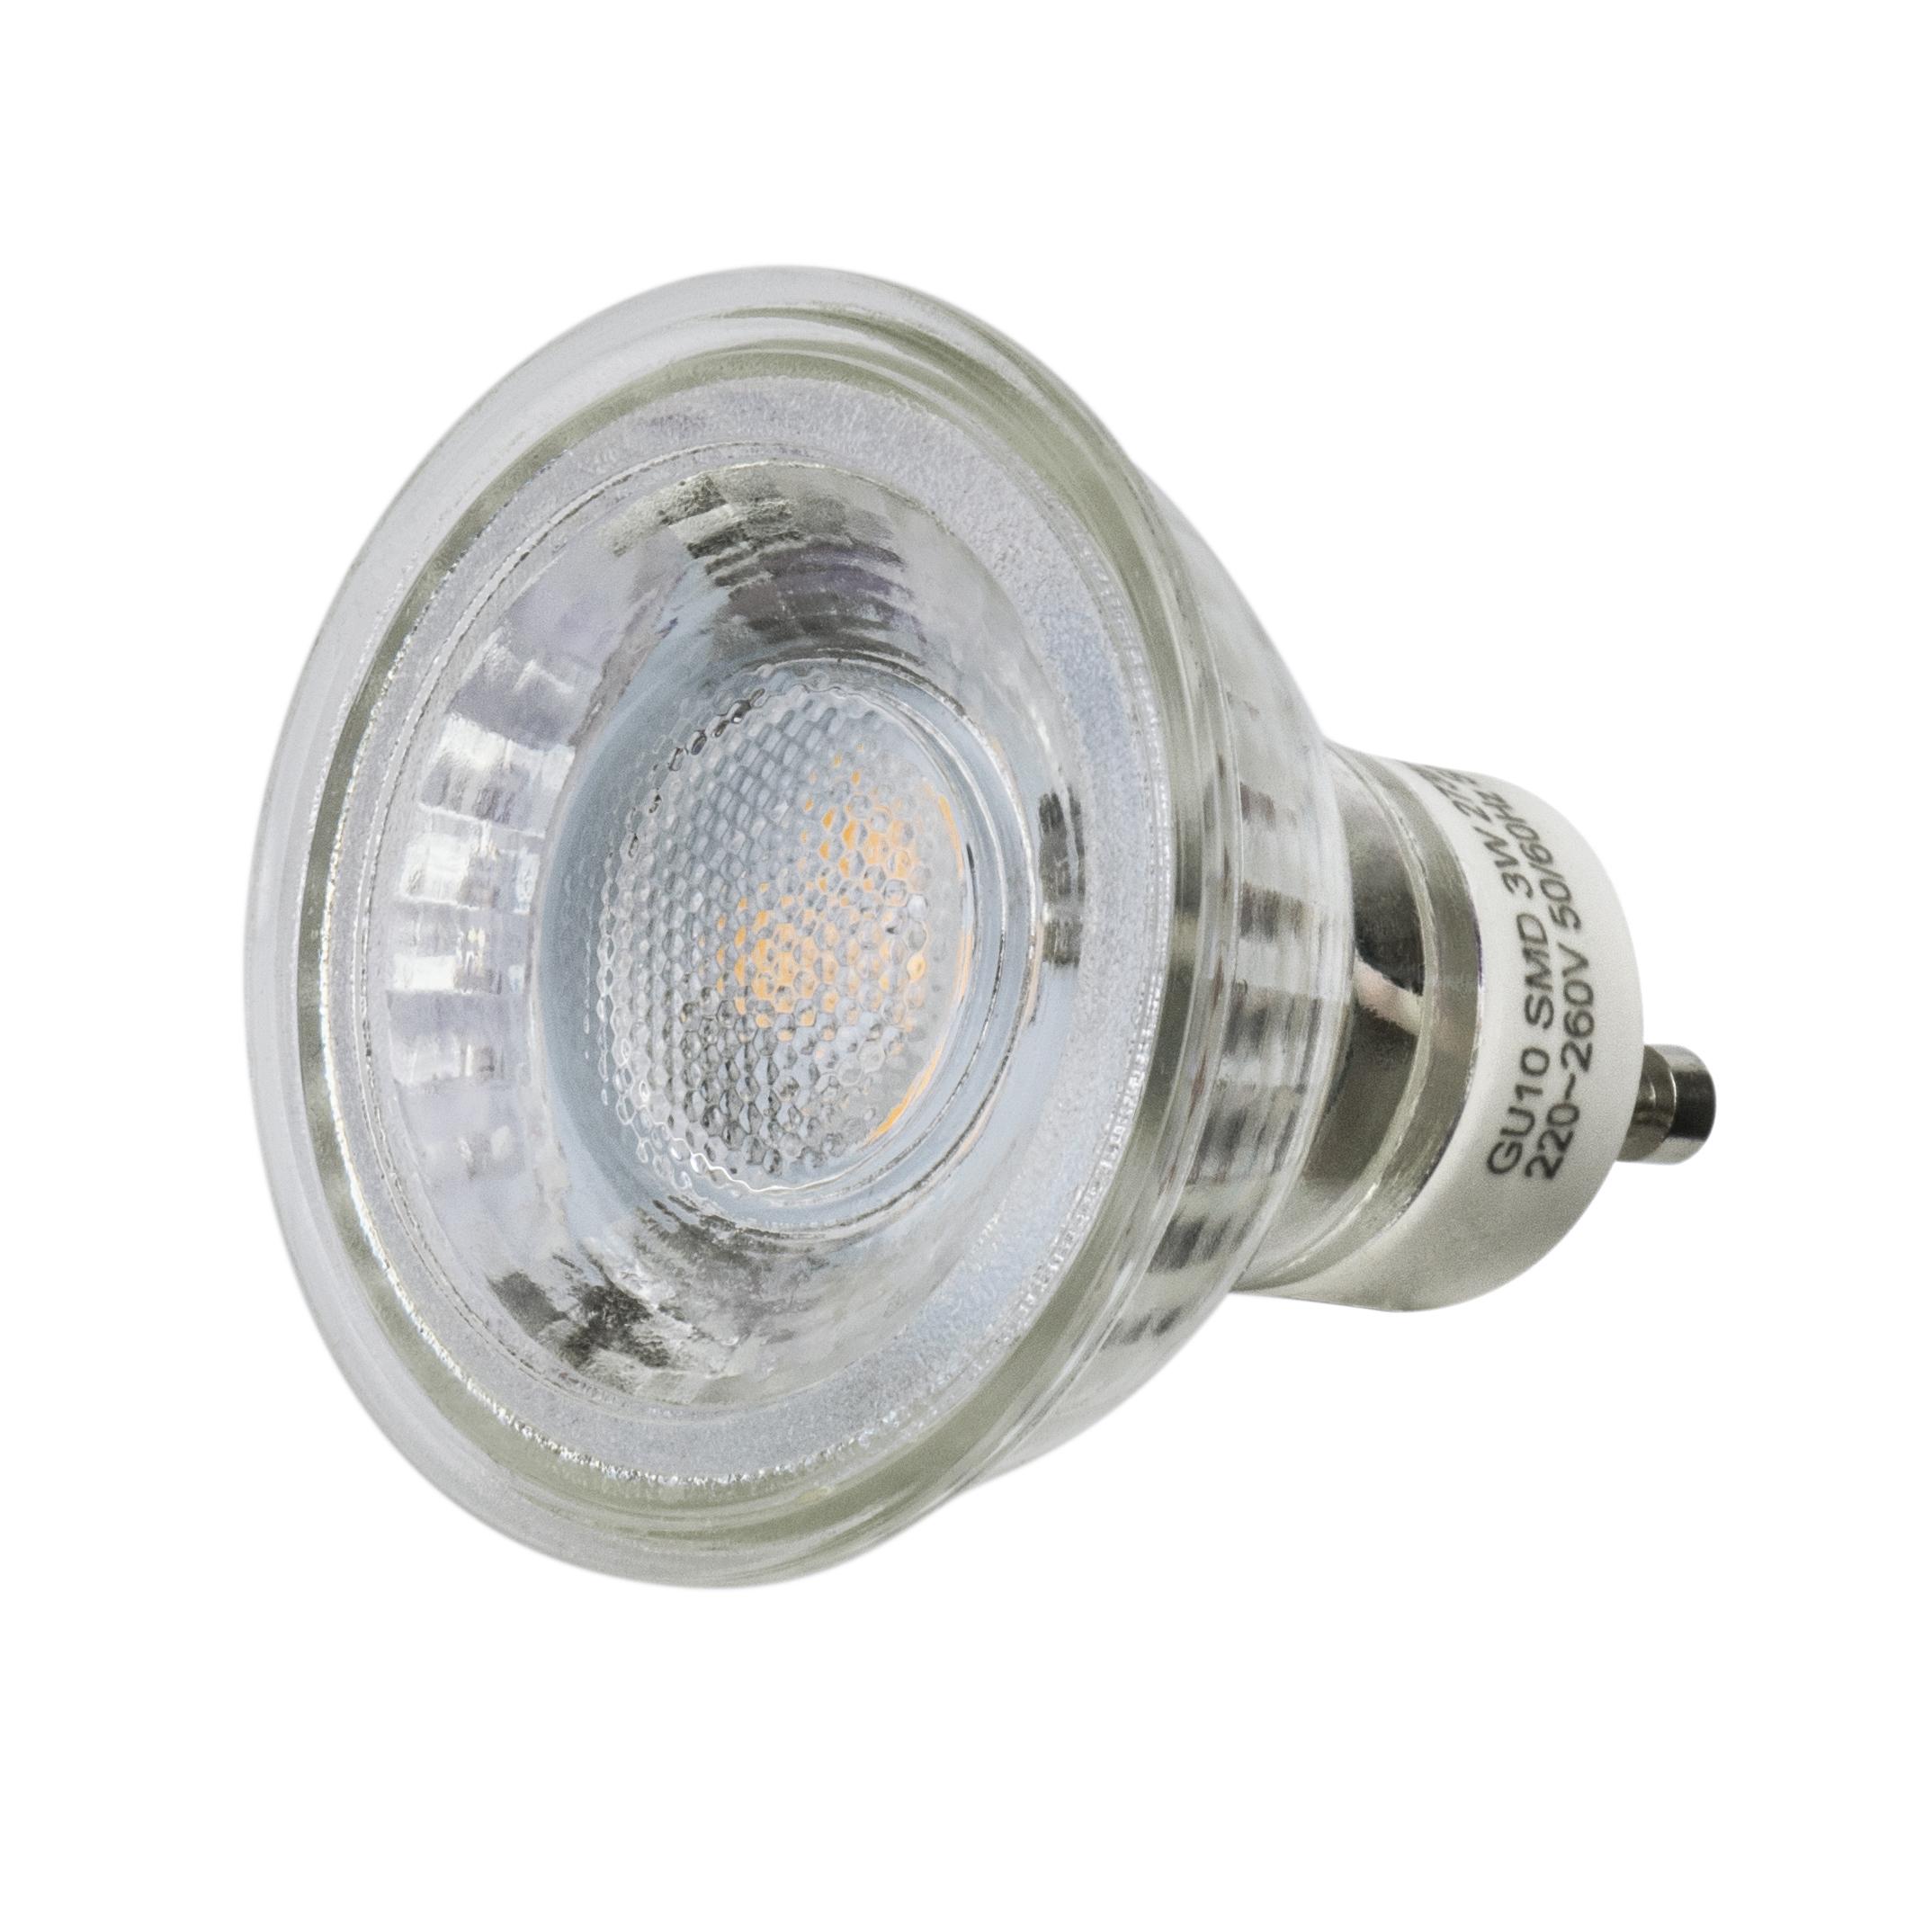 GU10 Flori Gartenleuchte IP65 230V Gartenlampe